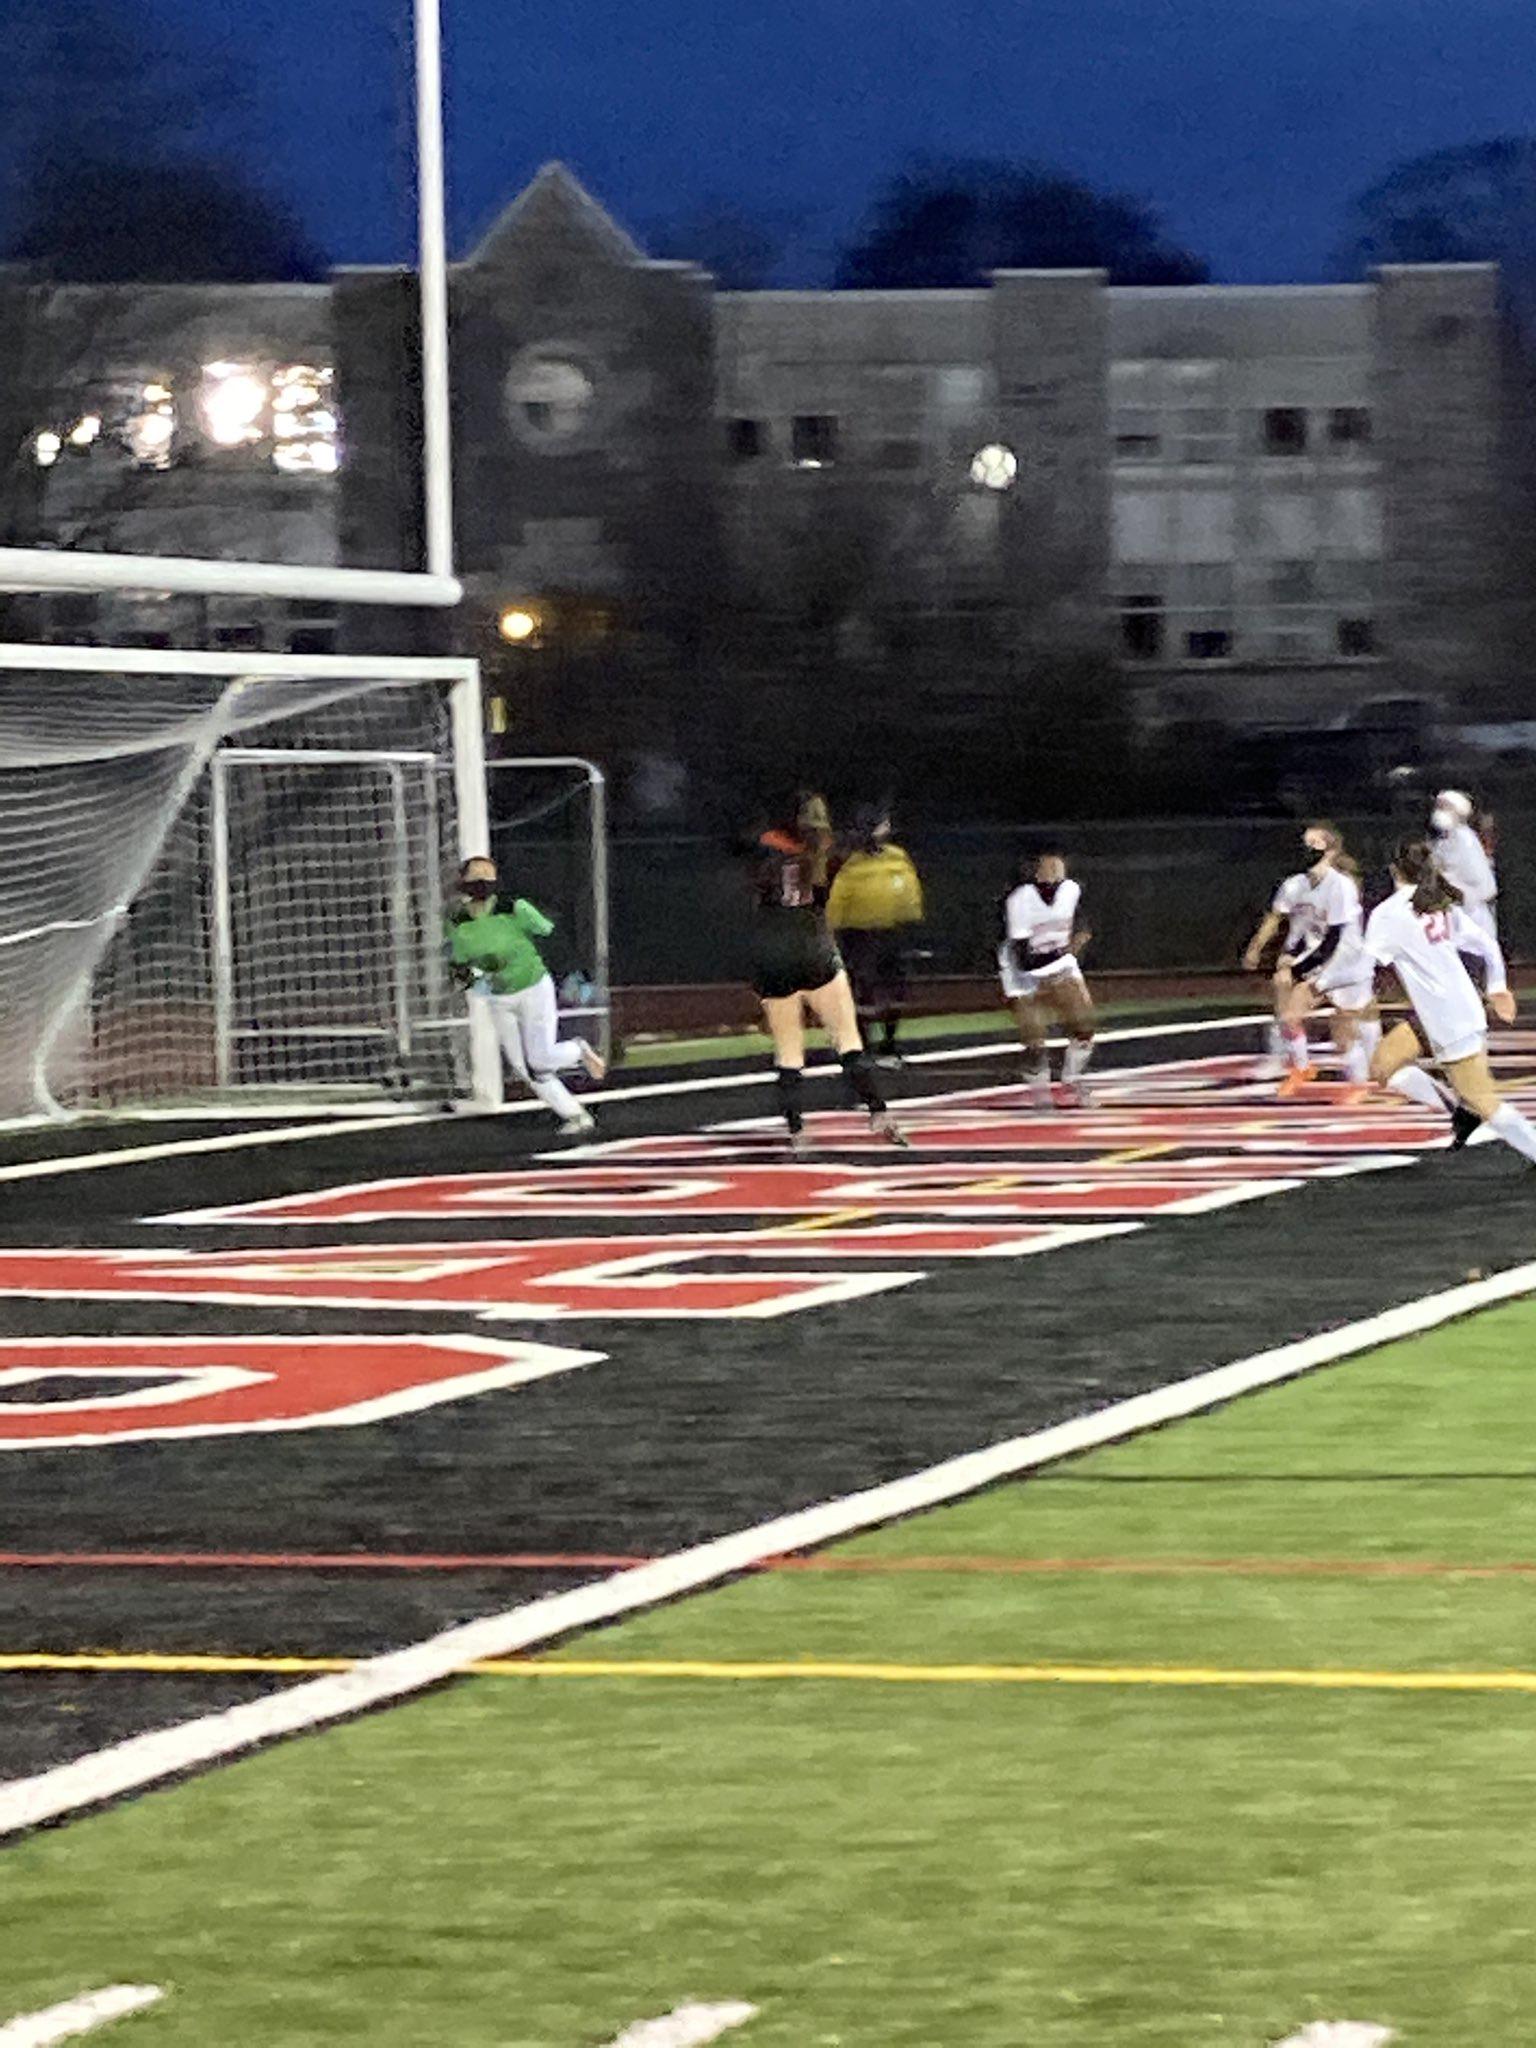 Rye sports - Girls Varsity Soccer 11-19-2020 v White Plains